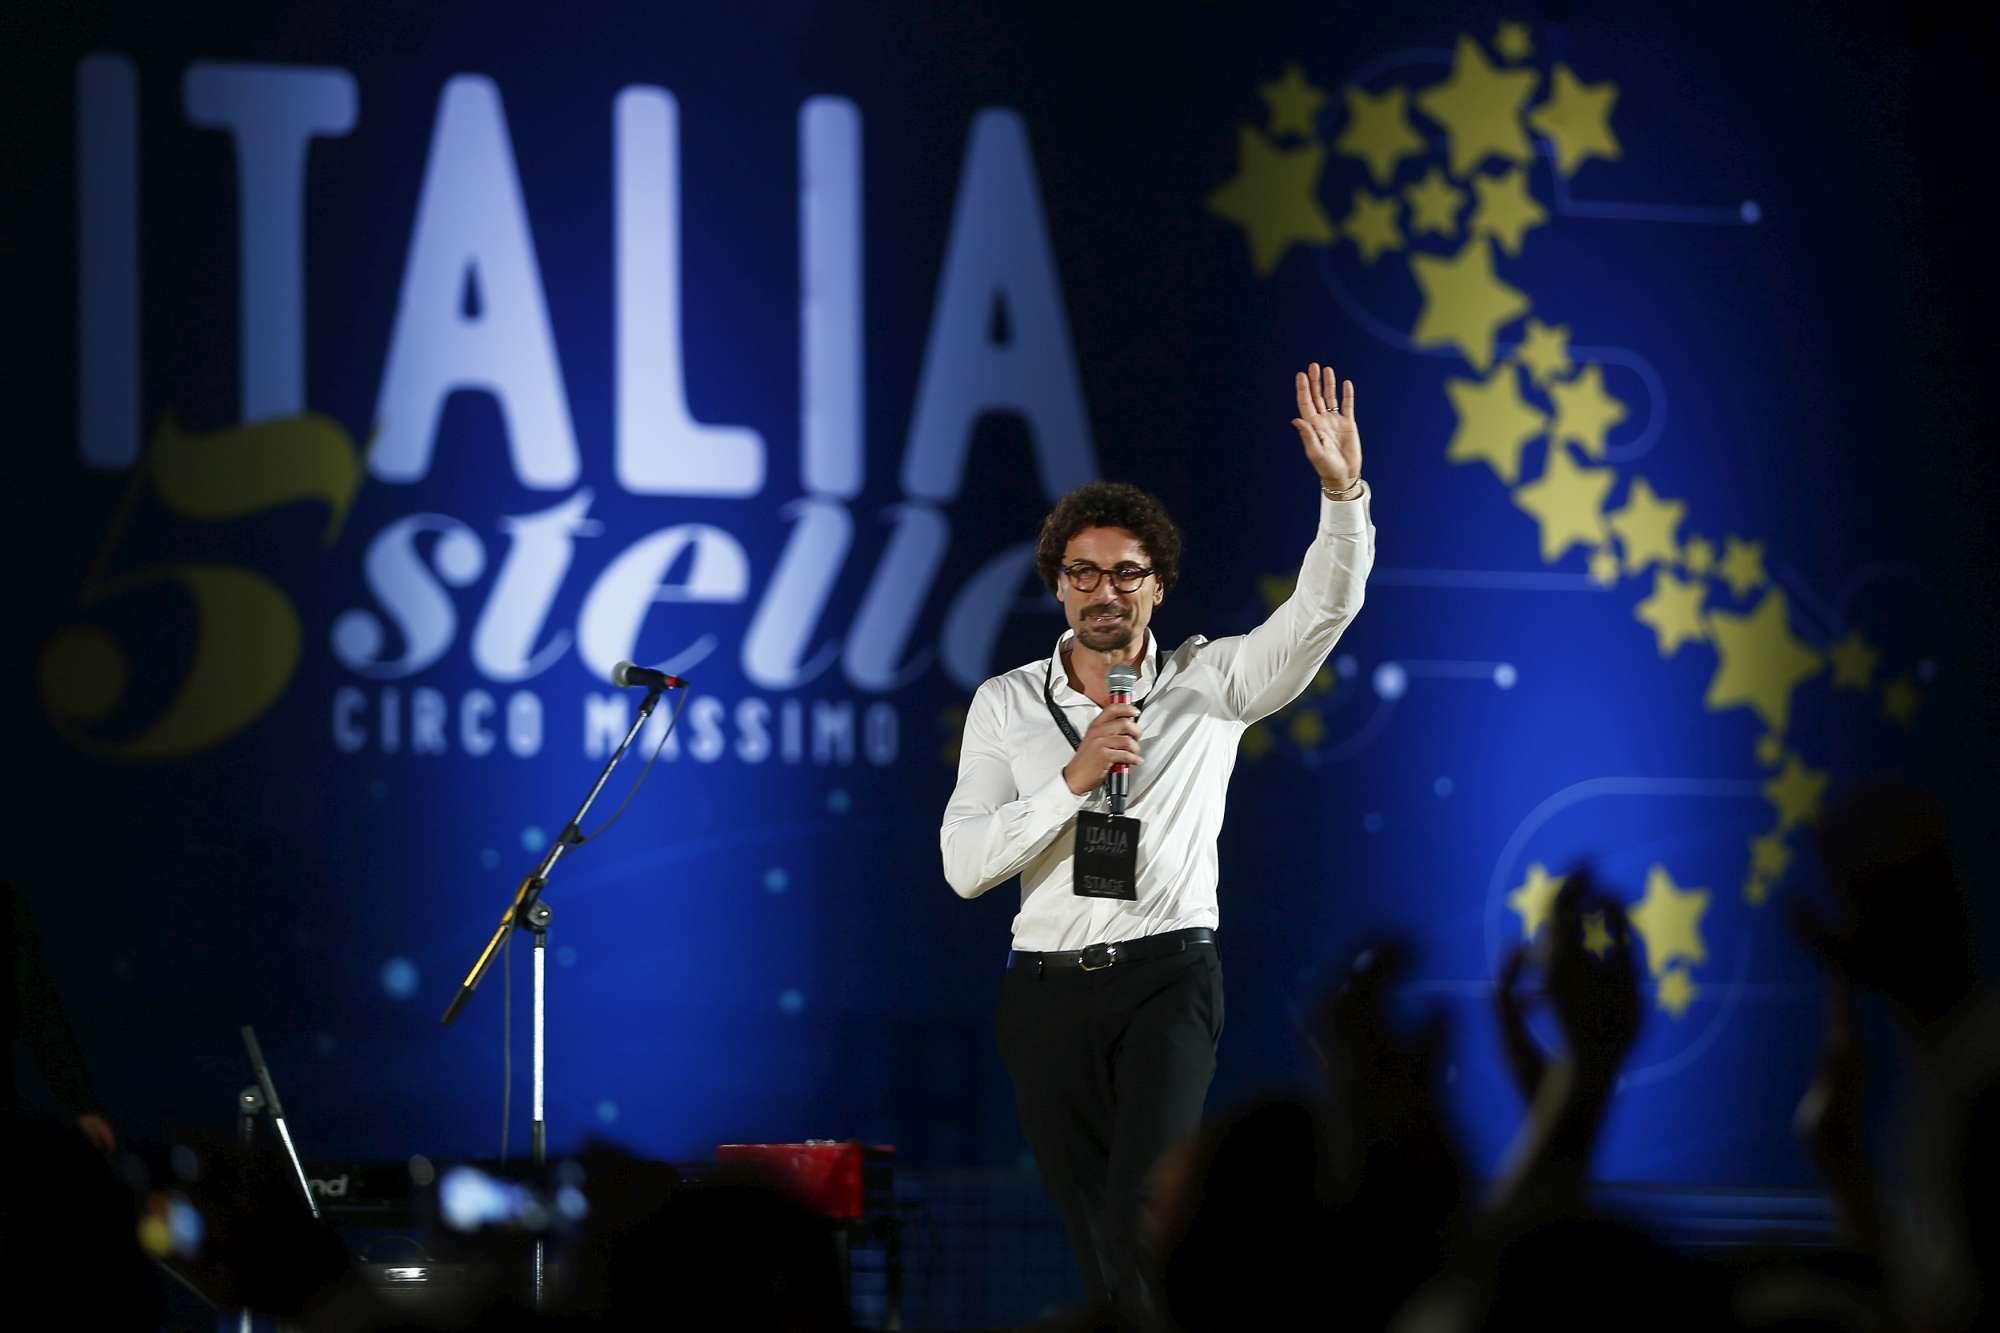 Roma, Italia 5 stelle al Circo Massimo